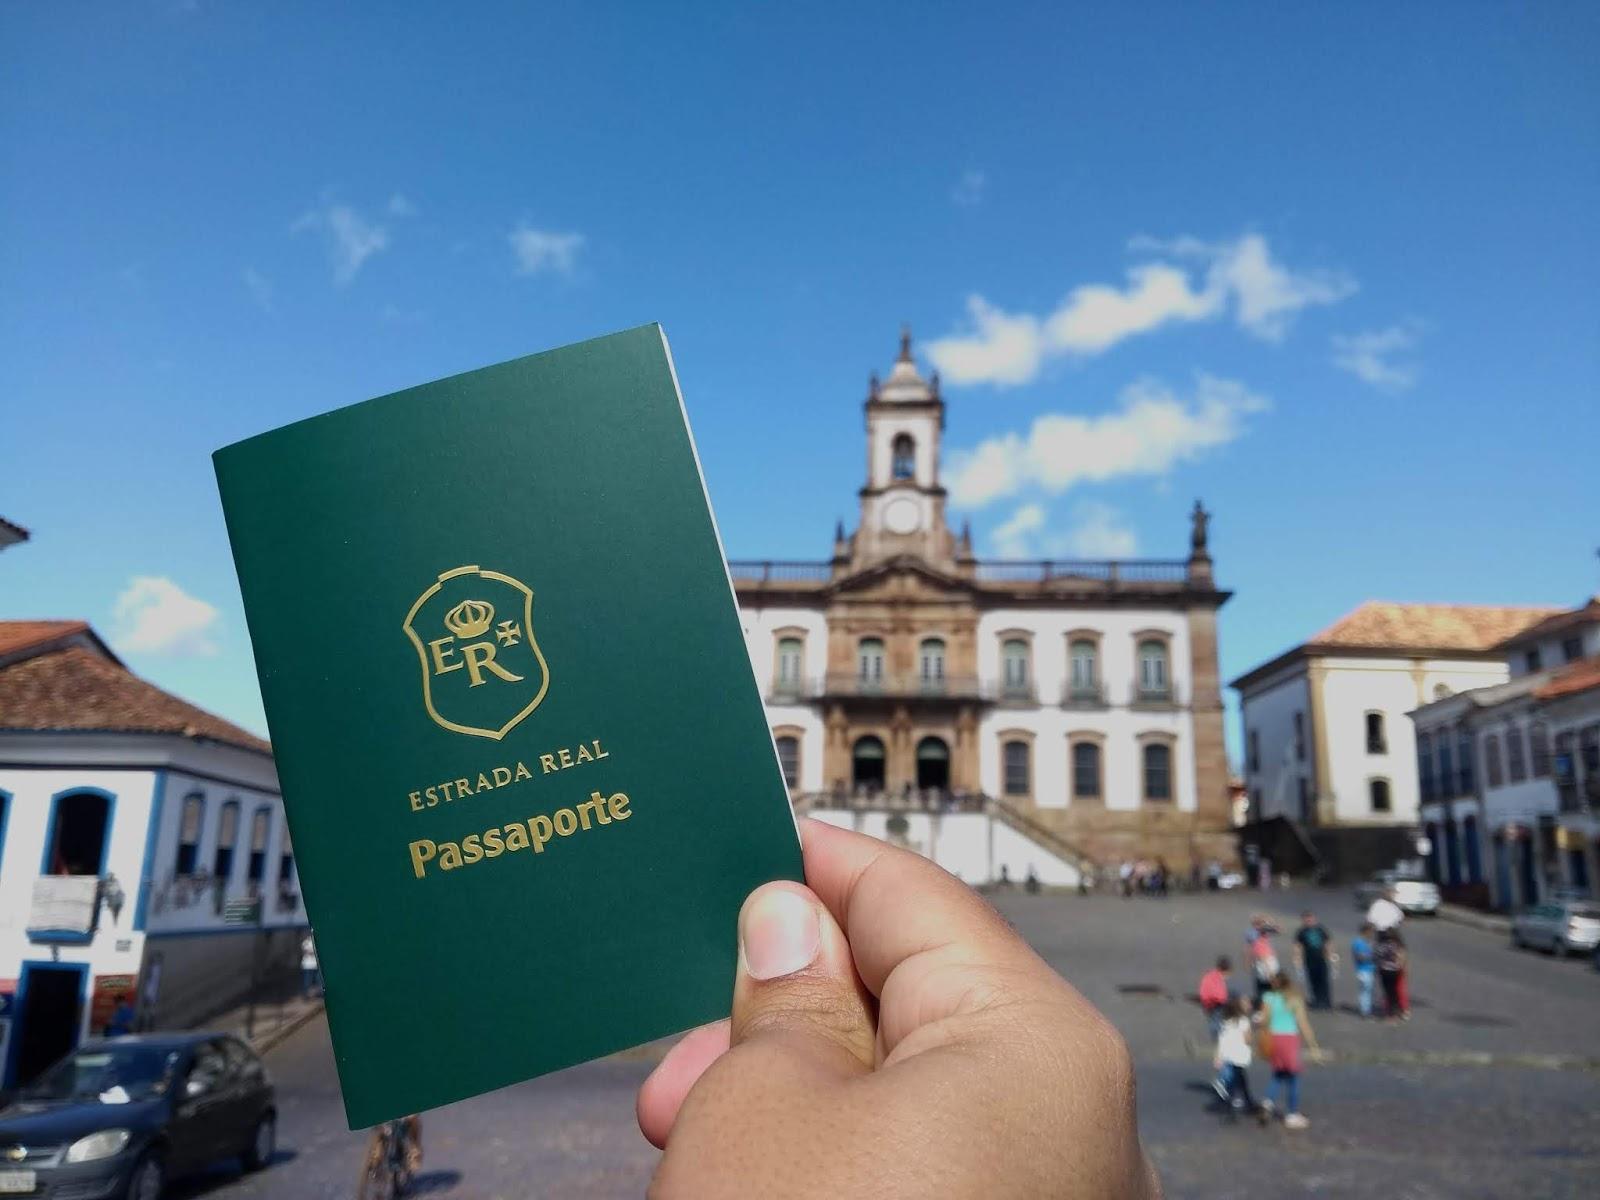 Como solicitar o passaporte estrada real